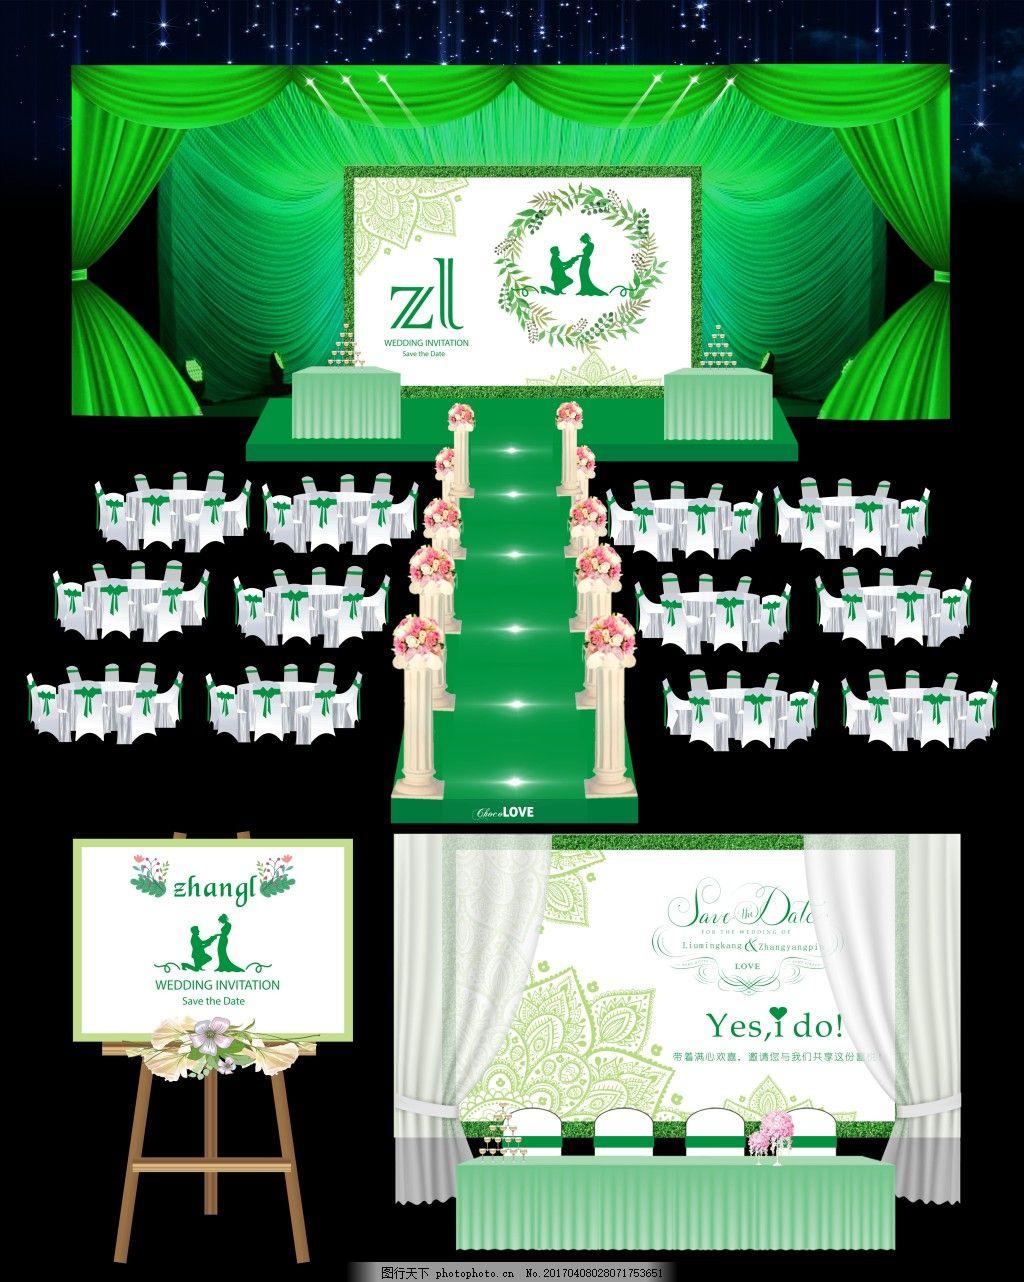 灯光 拱门 森林系婚礼 森系主题婚礼 绿色婚礼主题 浪漫婚礼主题 签到